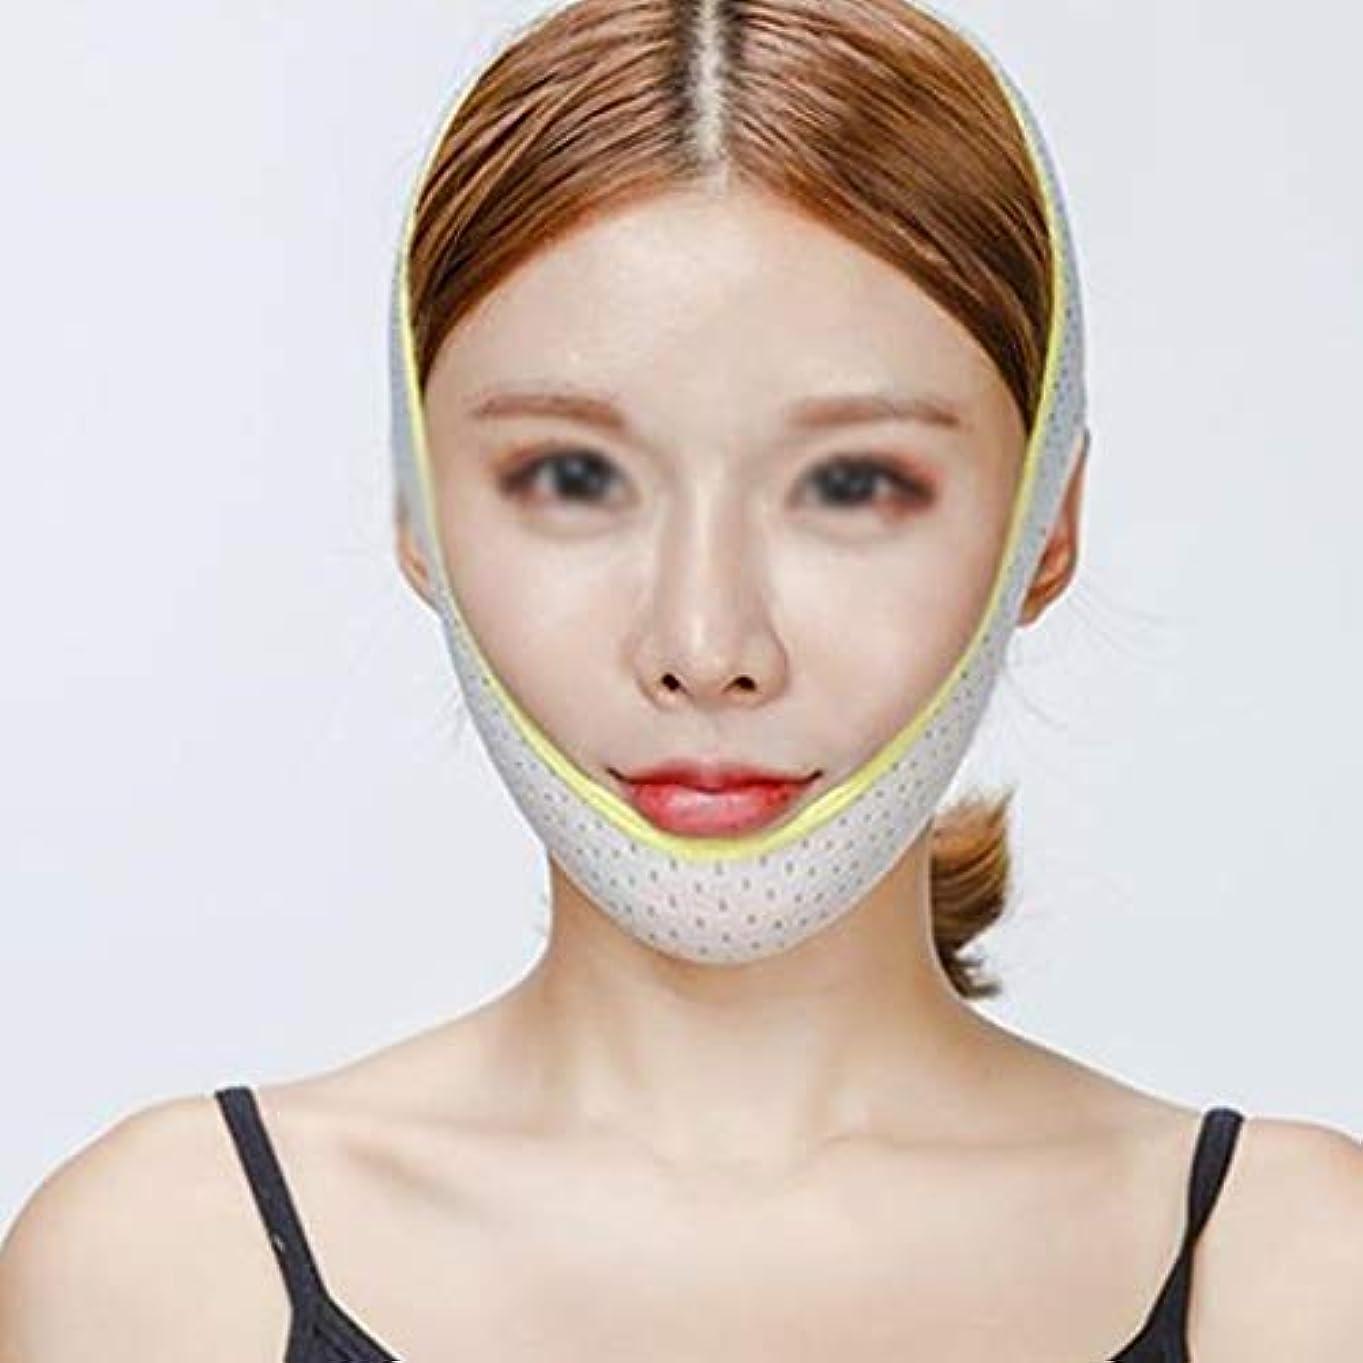 コンデンサー差別化する協定ZWBD フェイスマスク, Vフェイスアーティファクトフェイスリフトステッカー本物のフェイスリフト韓国フェイスフェイシャルリフティングファーミングインストゥルメントフェイシャルリフティング睡眠包帯